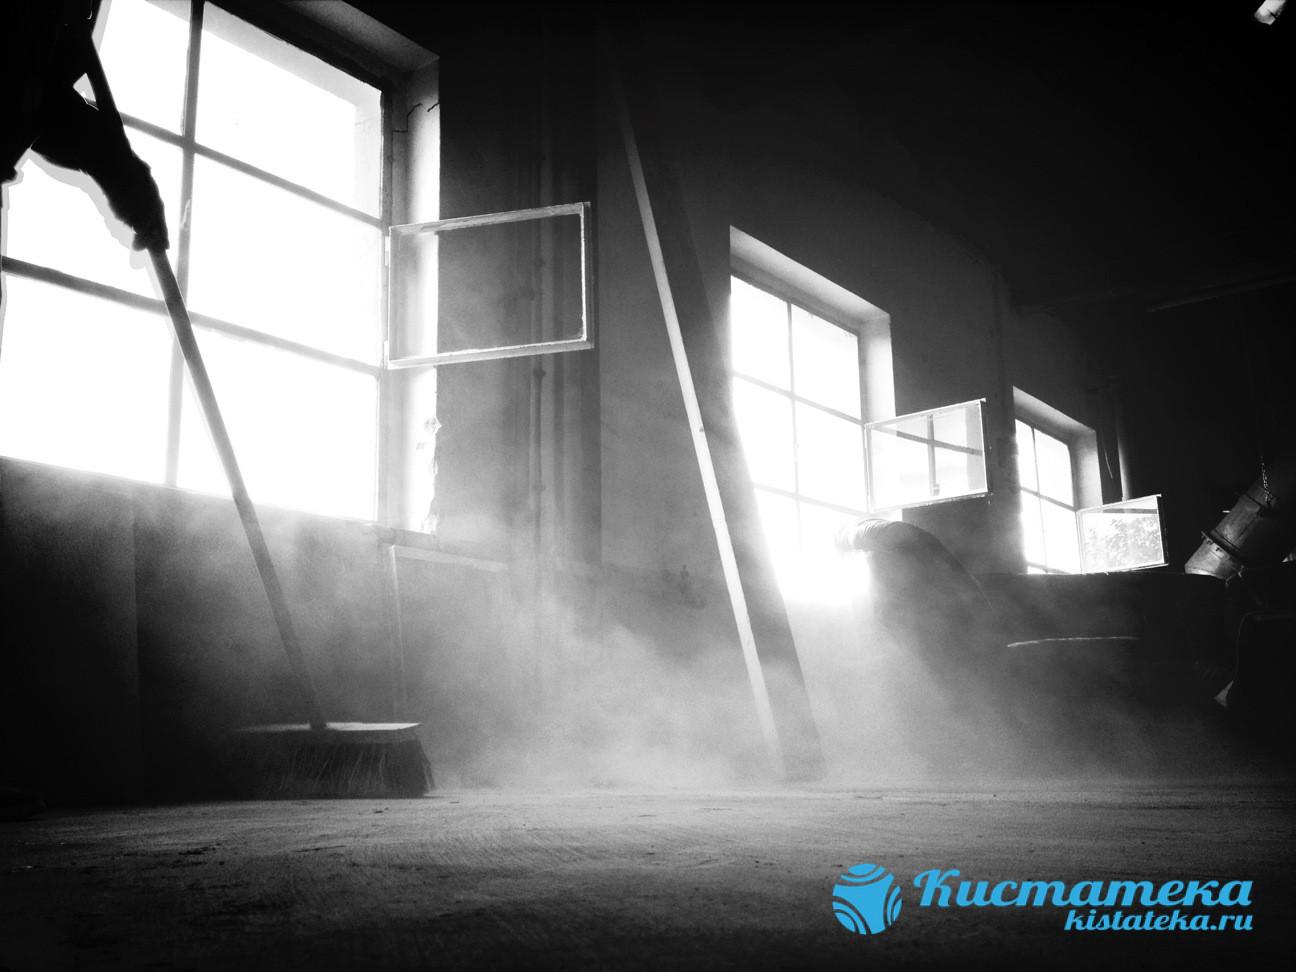 Частое наождение в пыльны помещения с низкой влажностью